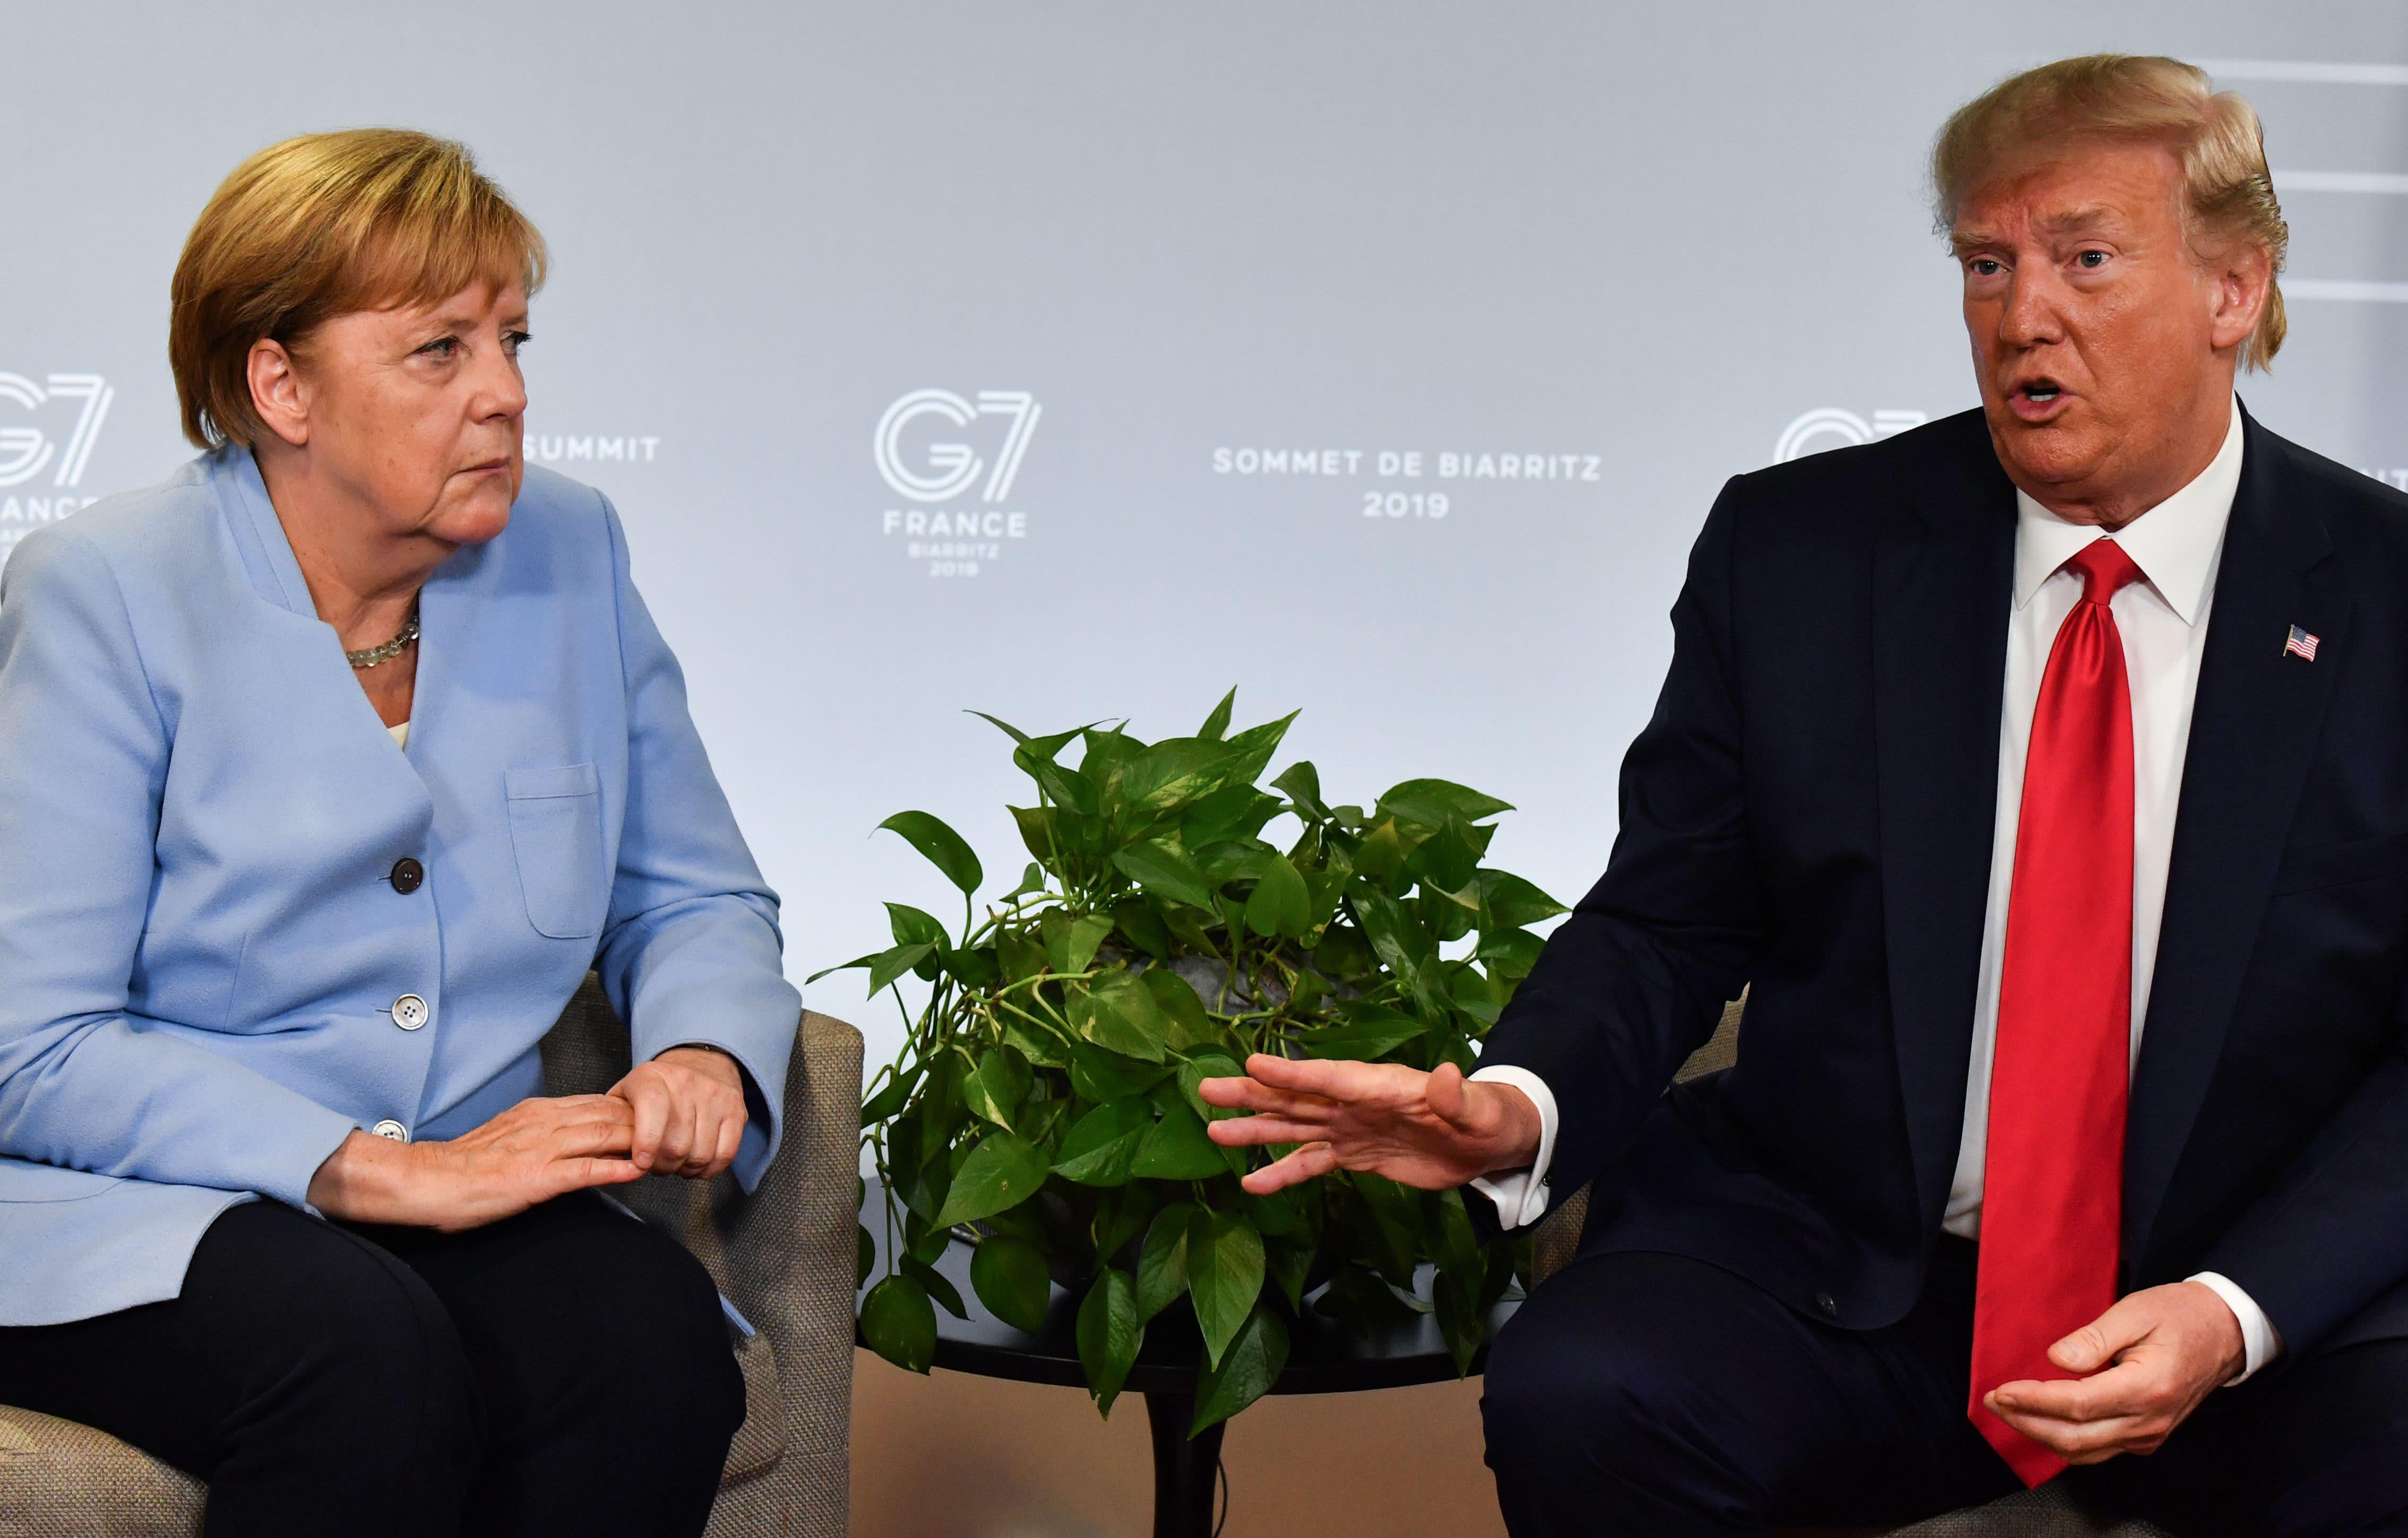 Europe has fallen down the US' list of priorities, Germany's Merkel says